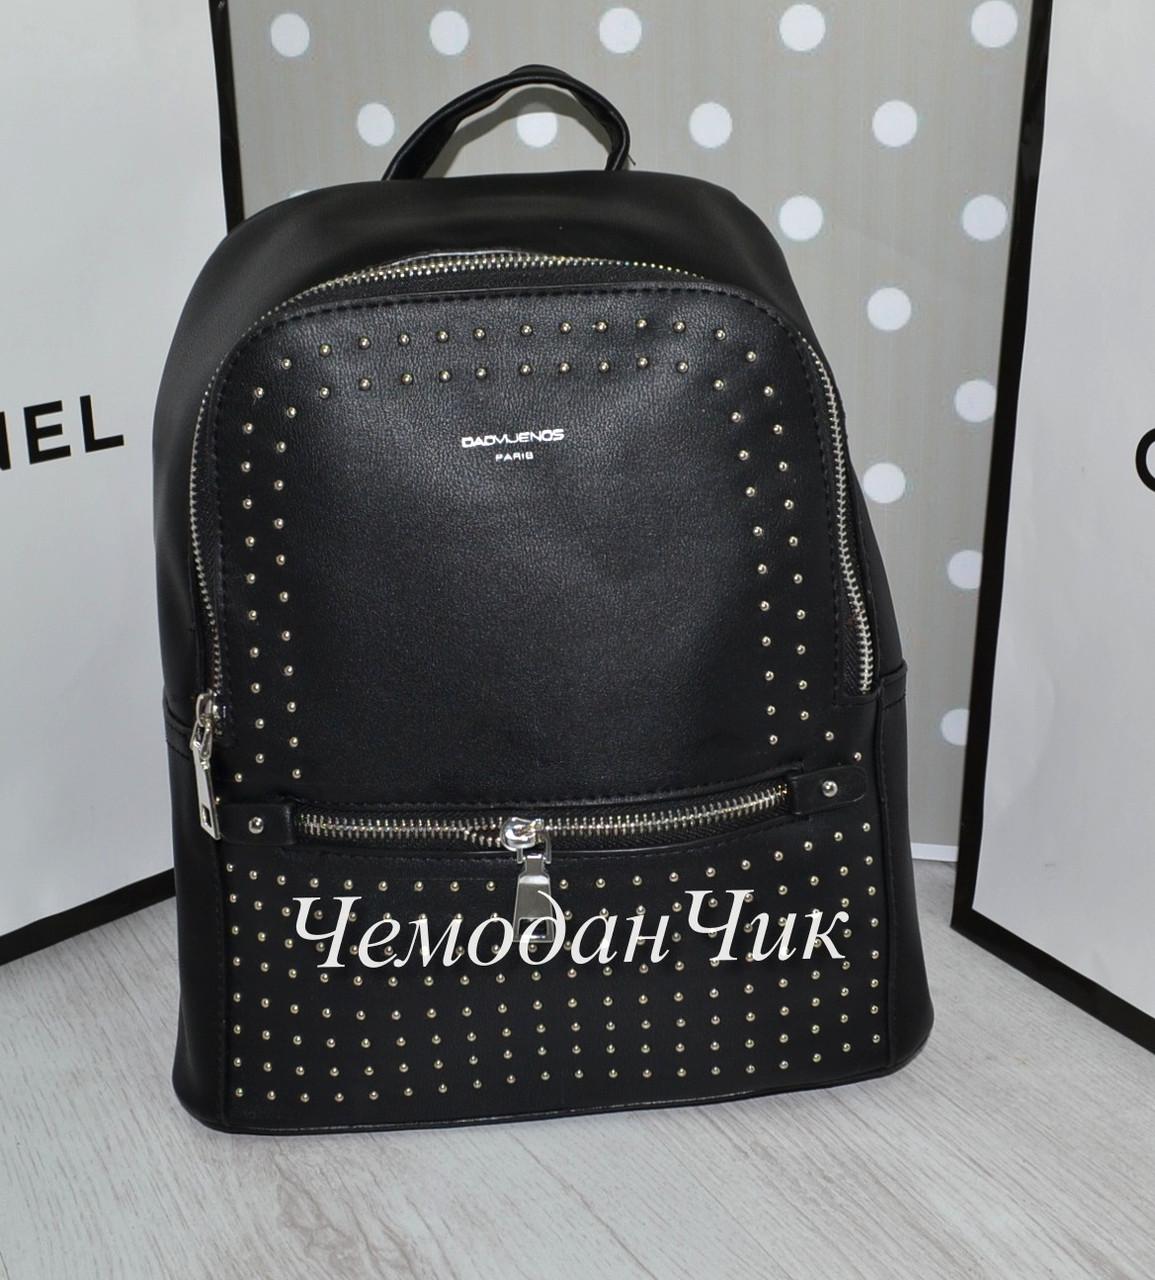 c90053f18167 Рюкзак в стиле Дэвид Джонс David Jones - ЧЕМОДАНЧИК - самые красивые сумочки  по самой приятной